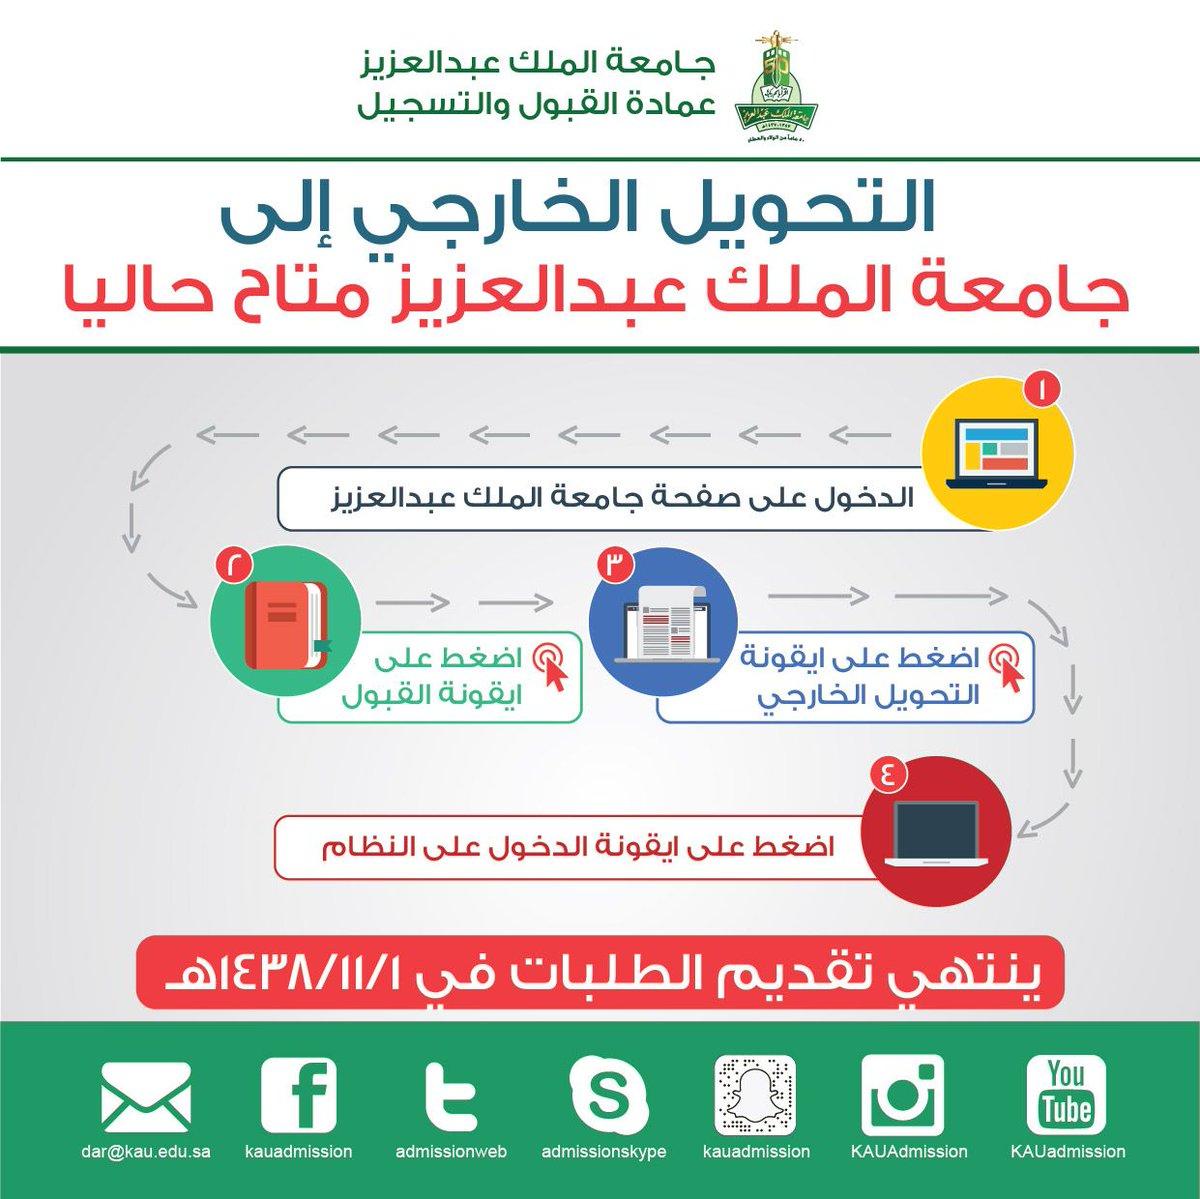 عمادة القبول والتسجيل Kau V Twitter التحويل الخارجي إلى جامعة الملك عبدالعزيز متاح حاليا على الرابط التالي Https T Co Cpt0fwgnwn ملاحظة التحويل للسعوديين فقط Https T Co L2tzy0pwhx